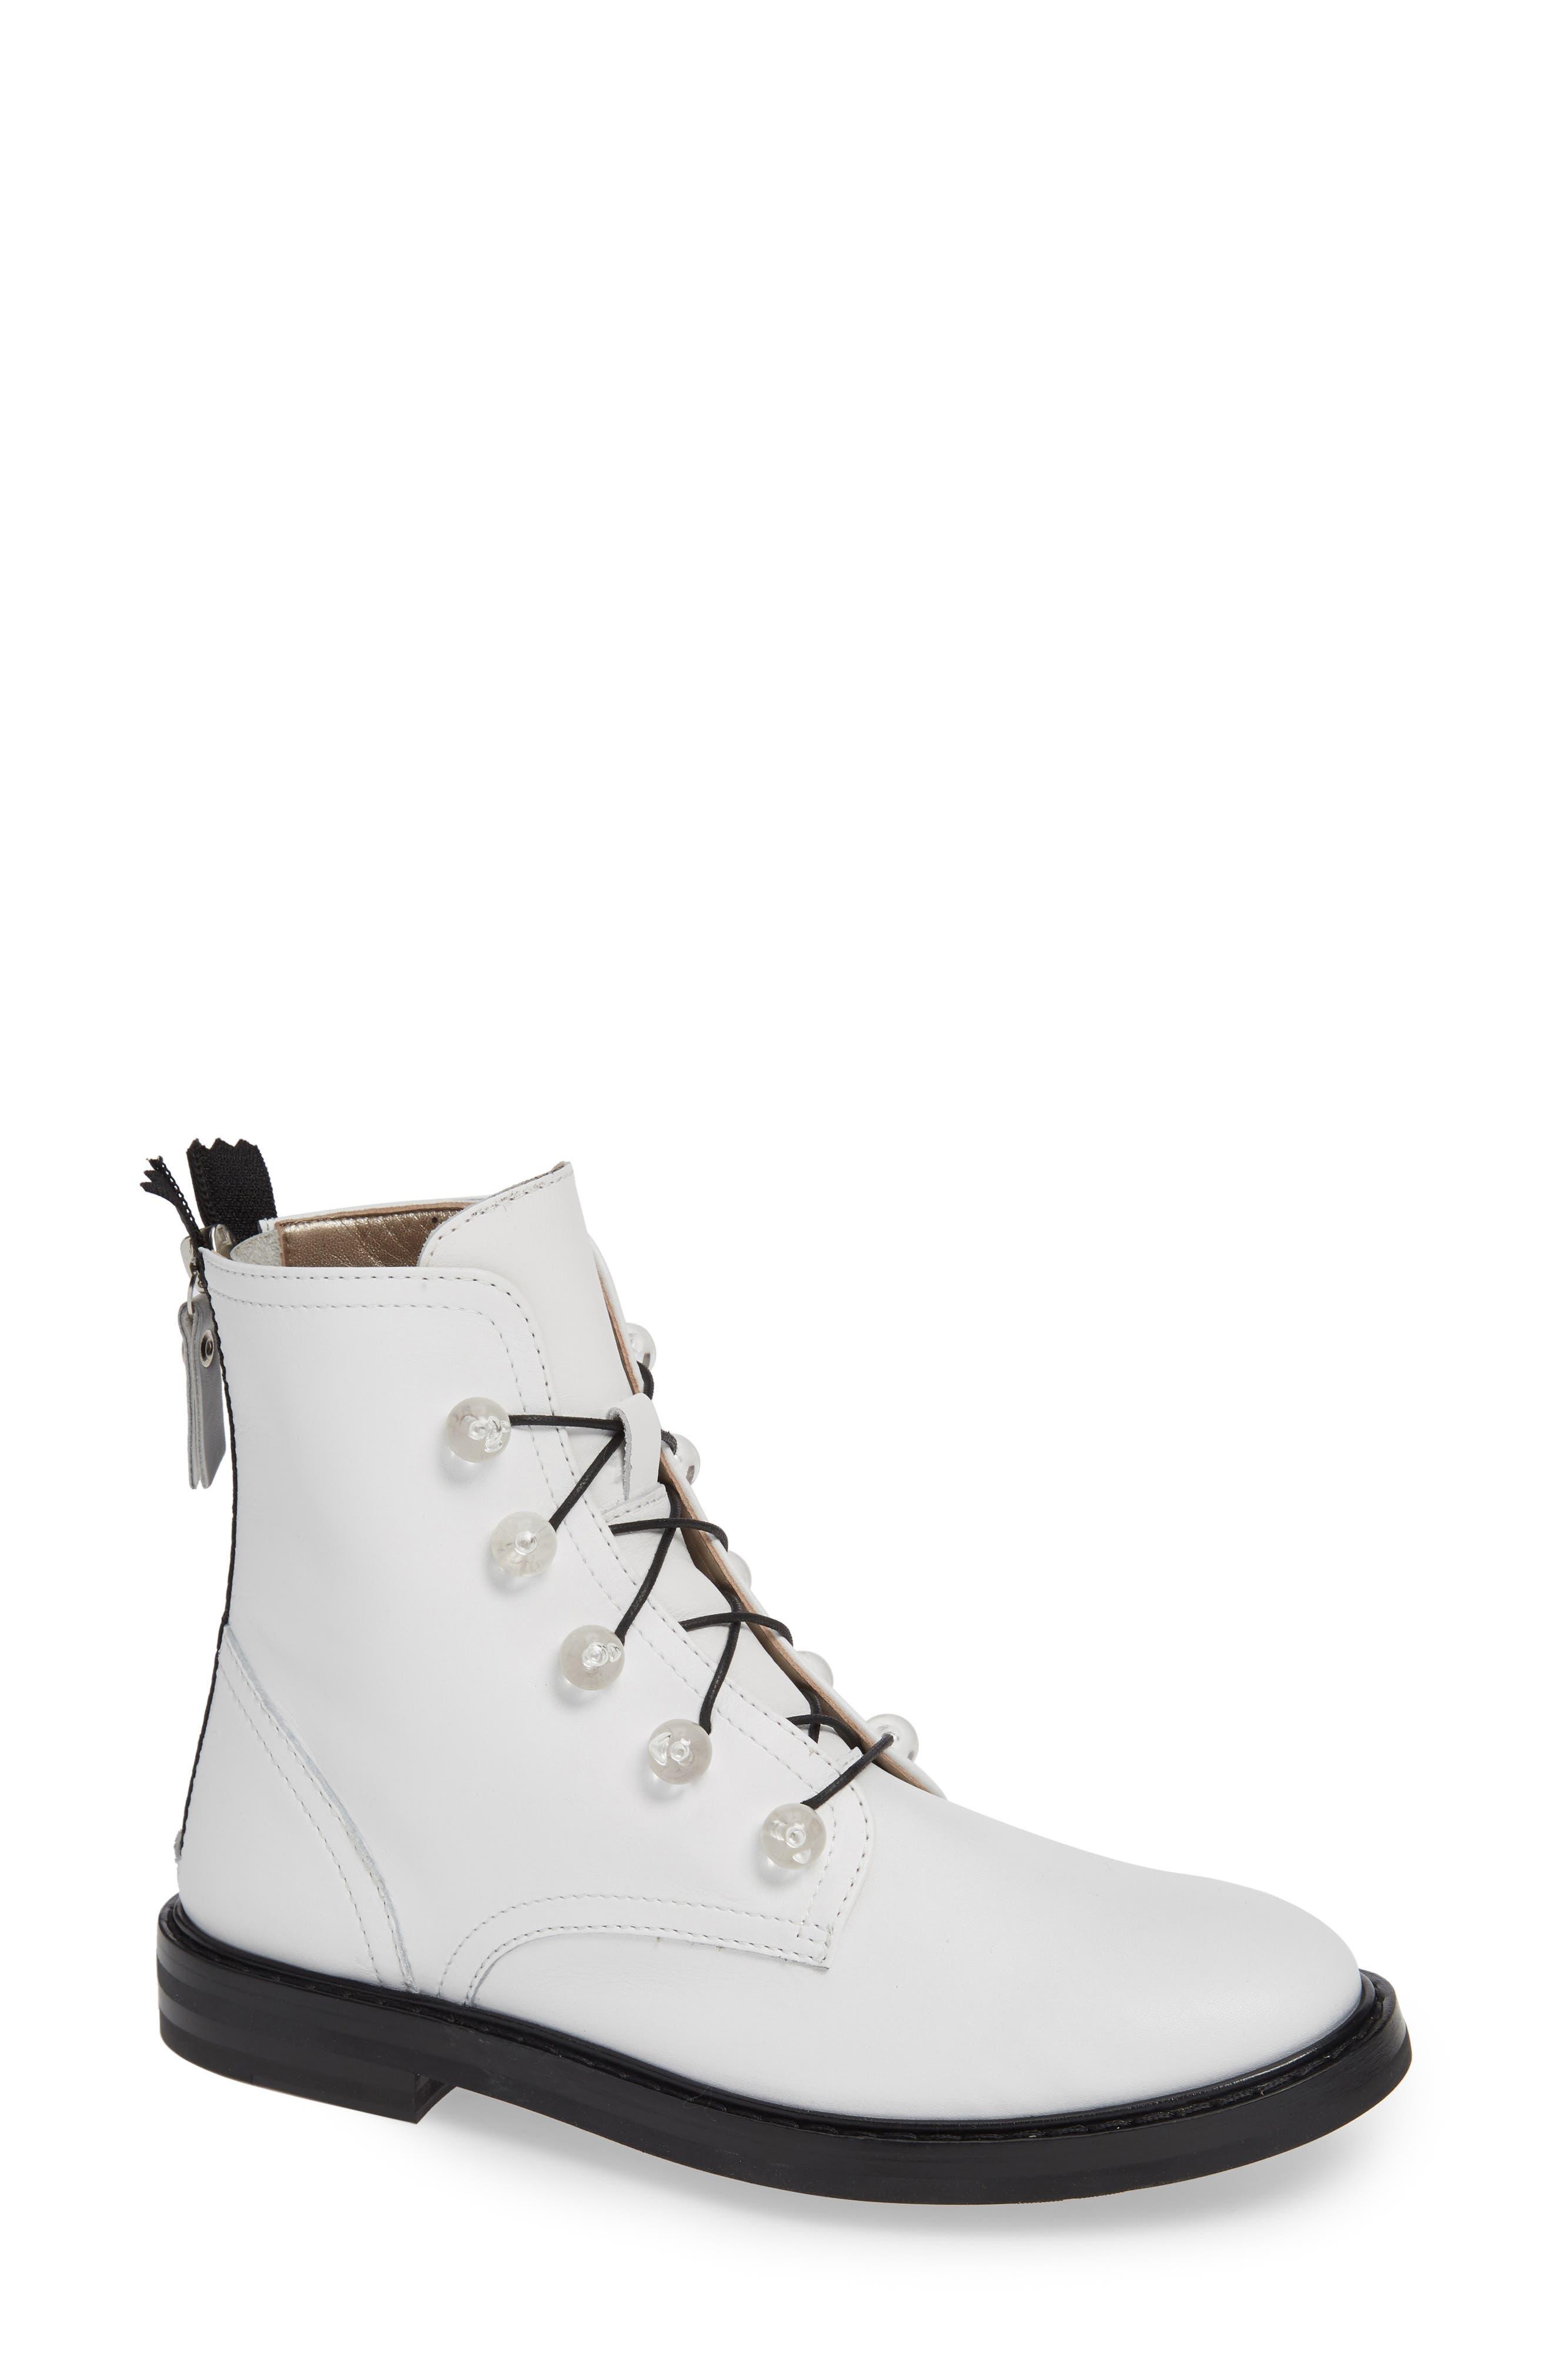 AGL ATTILIO GIUSTI LEOMBRUNI Lucite Knob Combat Boot in Off White Leather